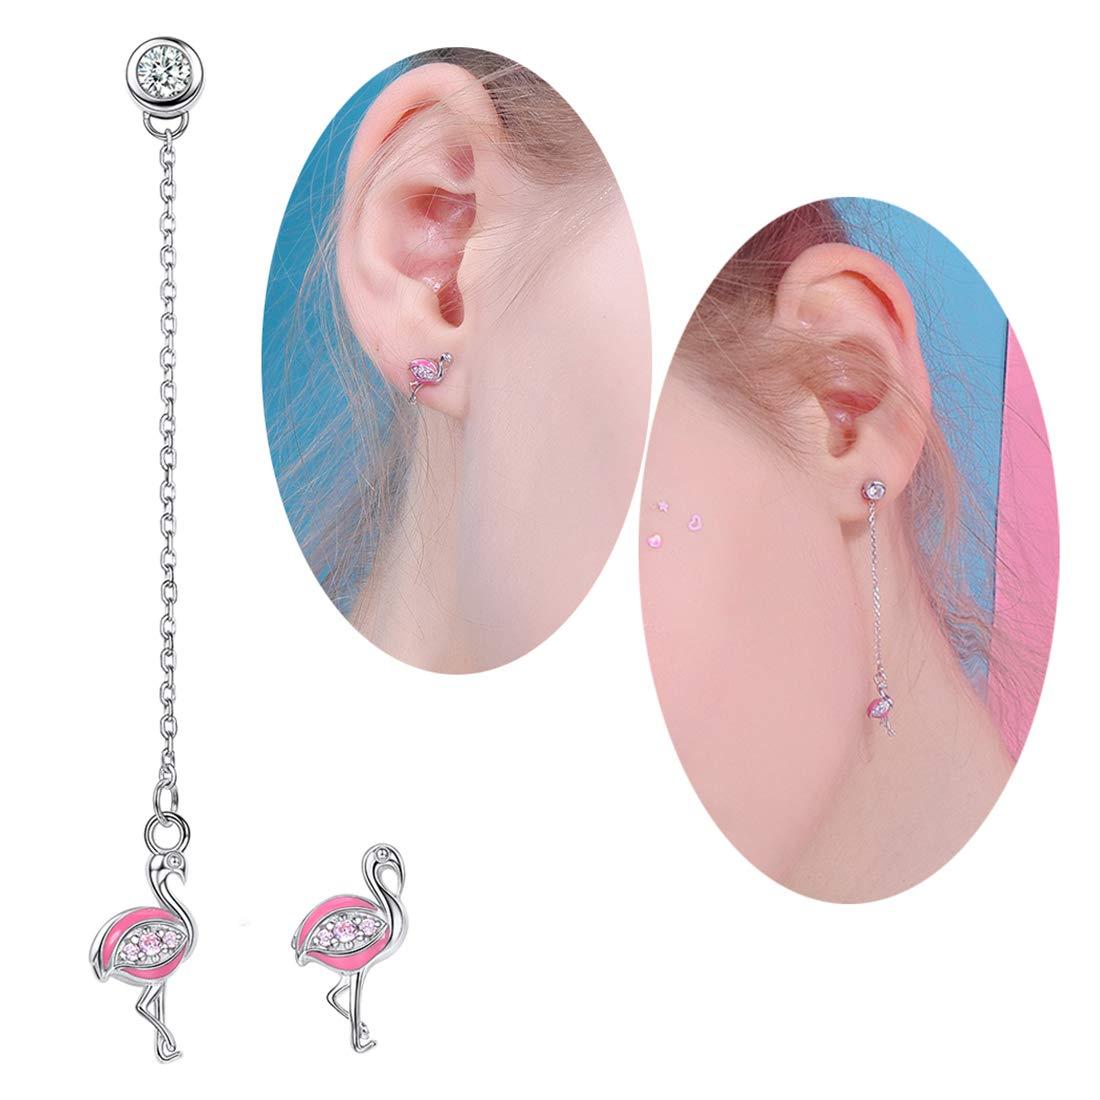 Simple 925 Sterling Silver Star//Cat Ear//umbrella // Cross//Diamond // cactus//Flamingo Stud Earrings 7 Pairs a Week Series Set Novelty one Week Earrings Set 7 Pairs